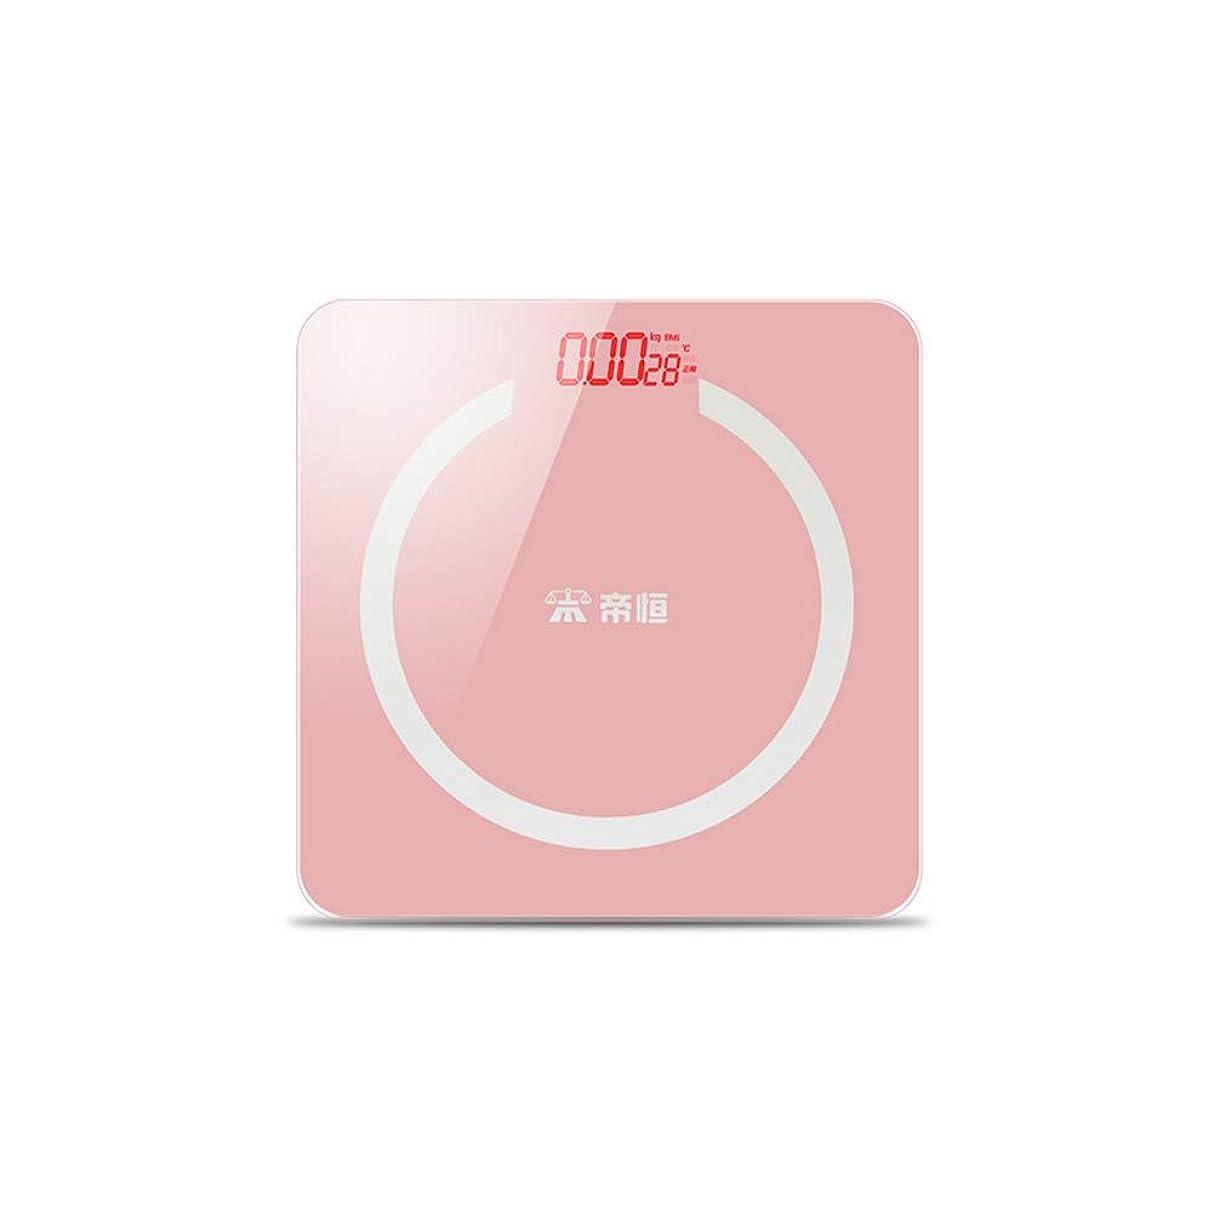 運営地下九デジタル体重計、高品質6 mm強化ガラス、超ワイドプラットフォーム、読みやすいバックライト付き、400ポンド、充電スタイル (Color : Pink)